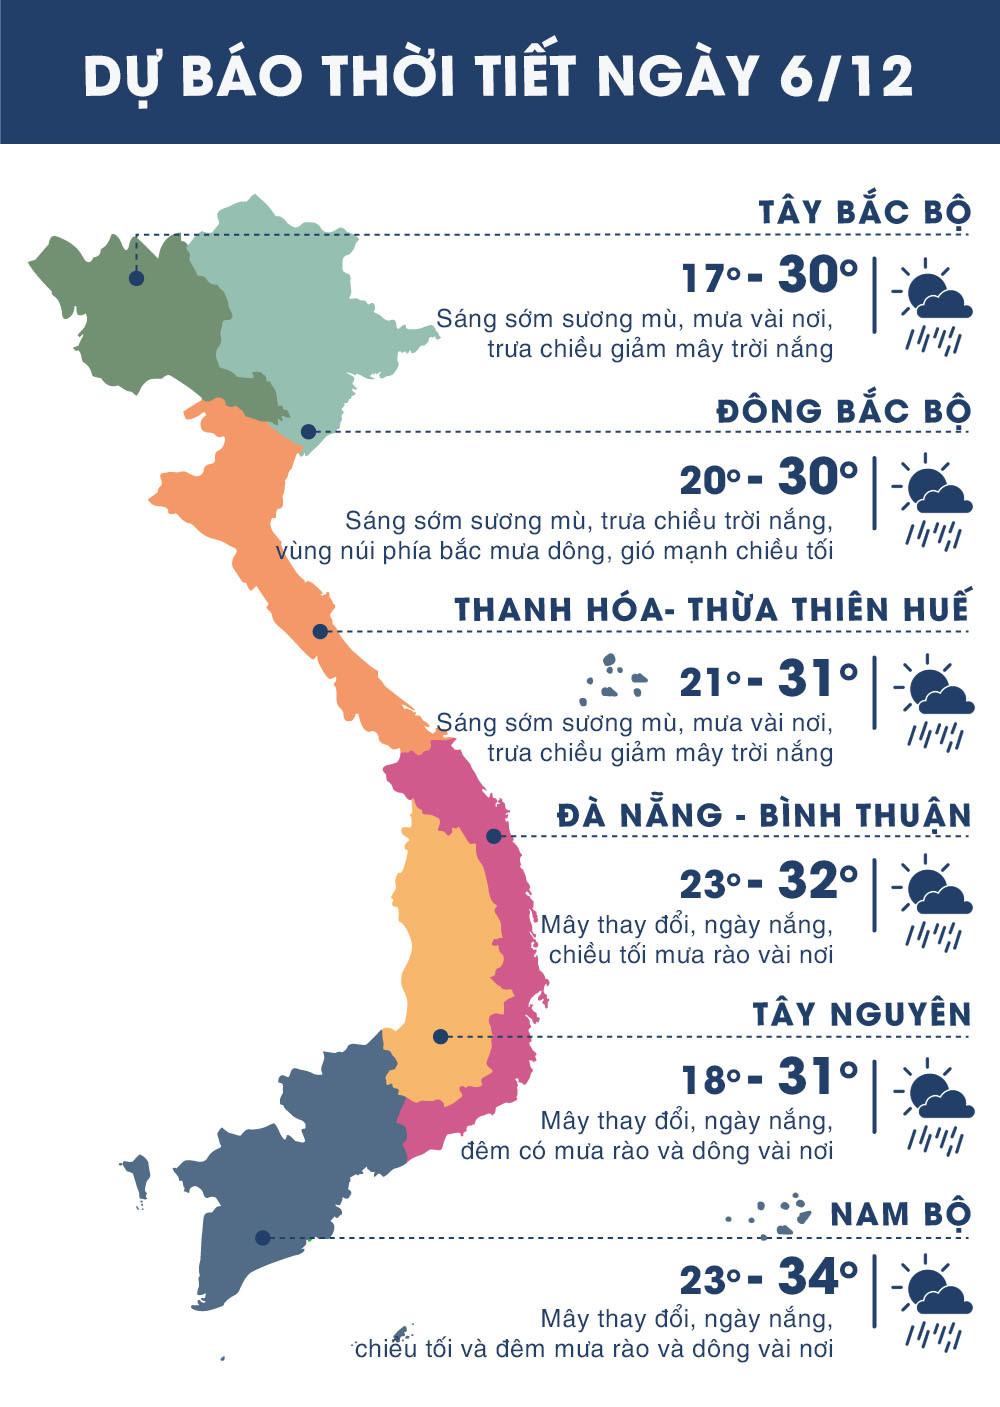 Thời tiết ngày 6/12: Bắc Bộ mưa dông, gió mạnh vì không khí lạnh Ảnh 1